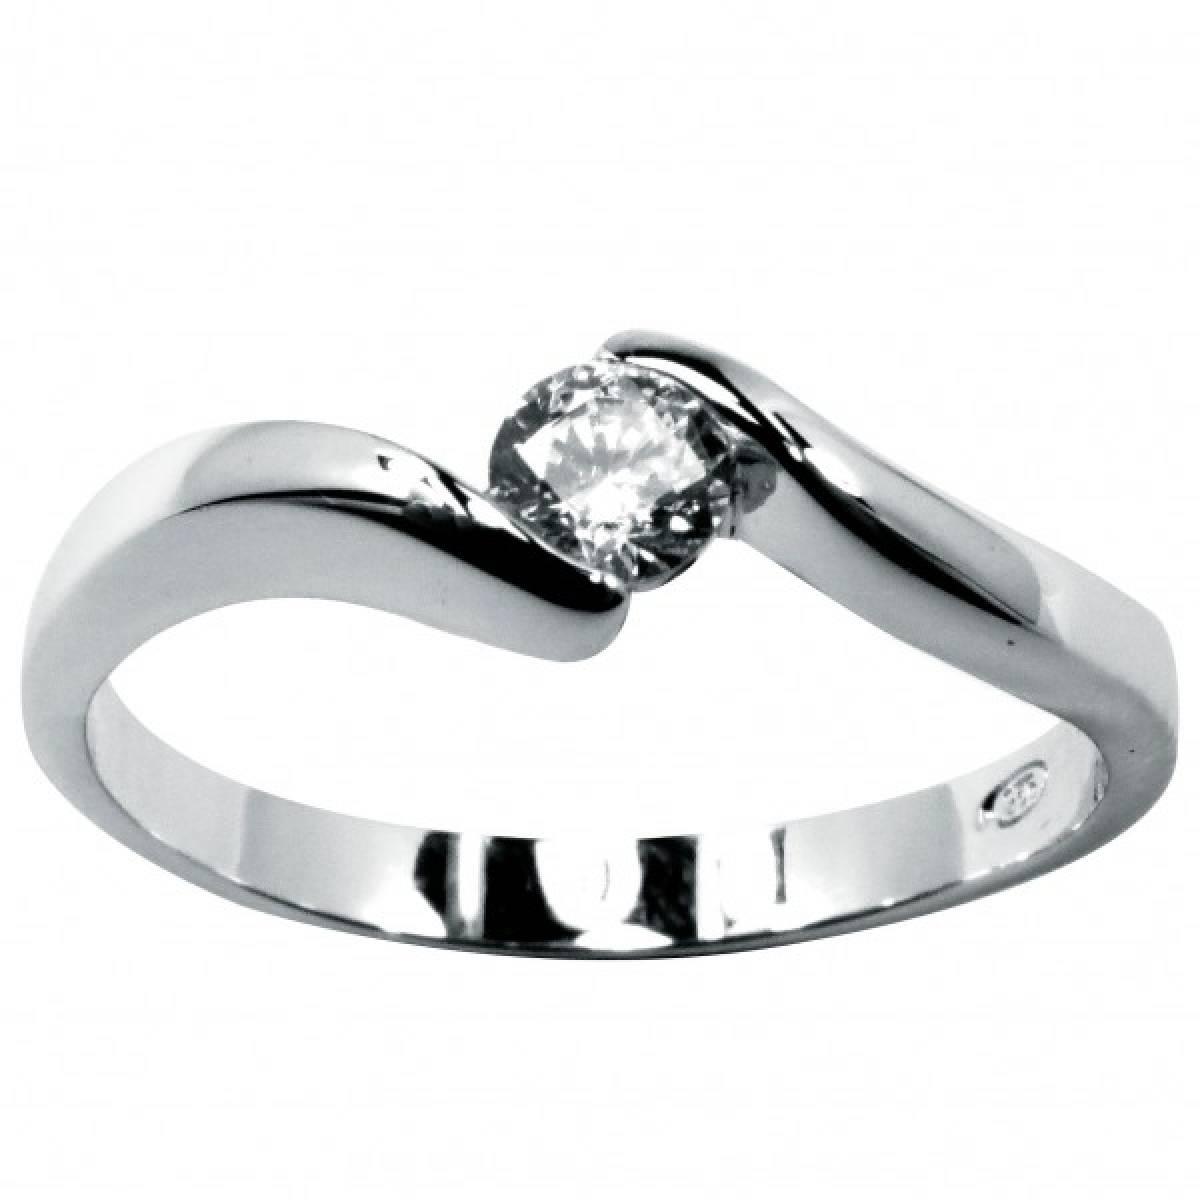 Anel de Noivado com diamante ou zircónia, em ouro branco